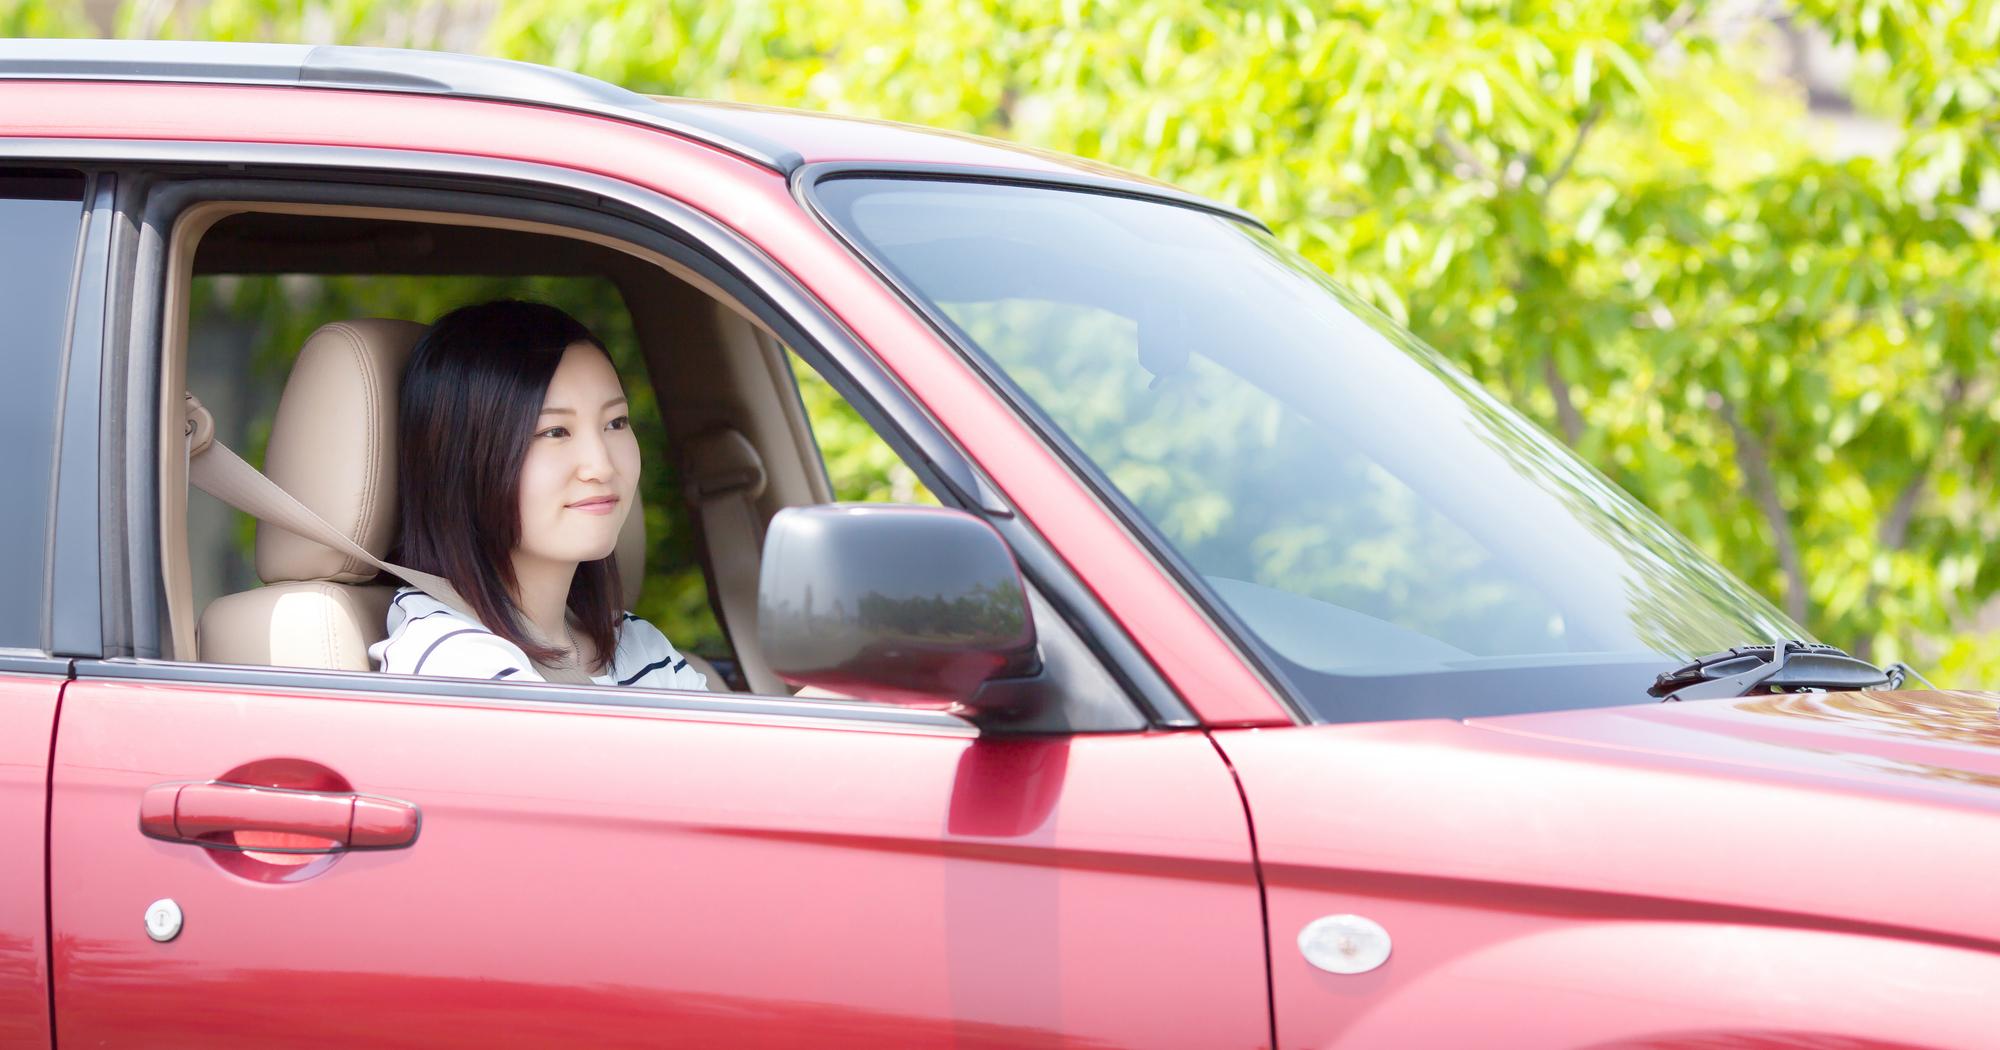 """新車購入ユーザー調査で判明!ハイテク化が生んだドライバーの""""新たな不満"""""""